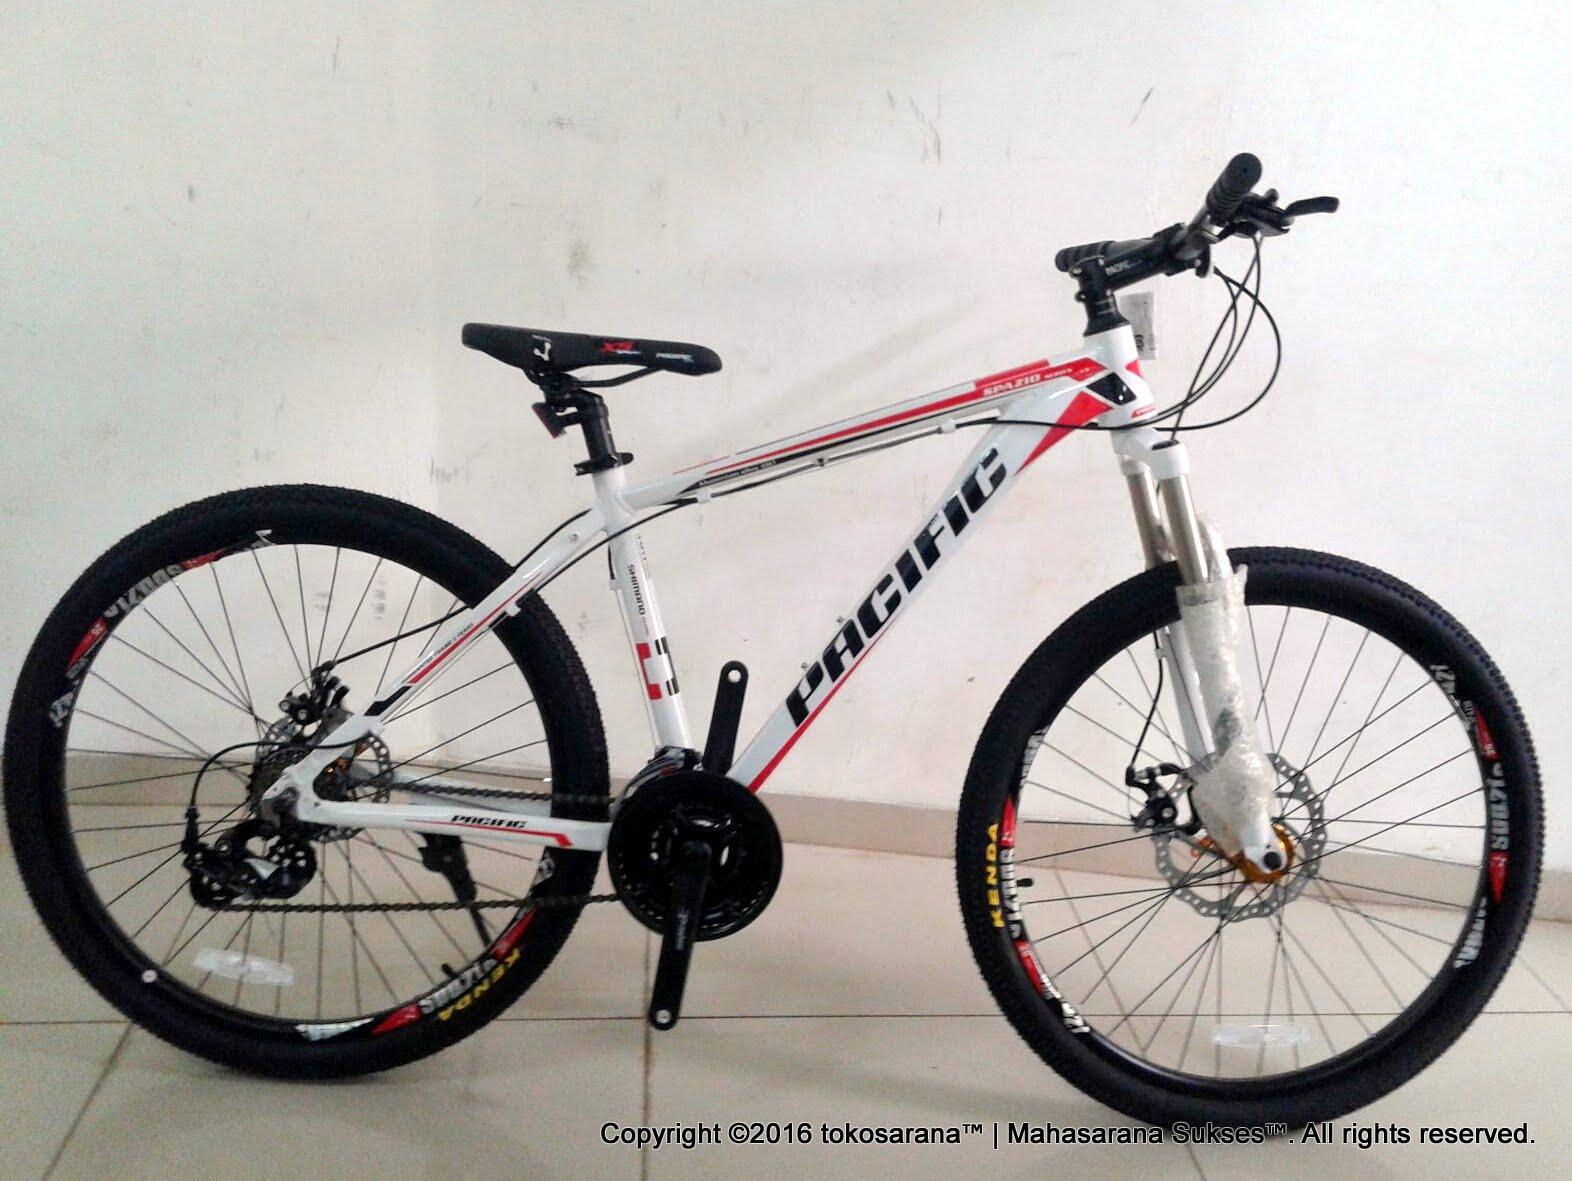 Sepeda Gunung Pacific Spazio 1.0 Aloi 21 Speed 26 Inci